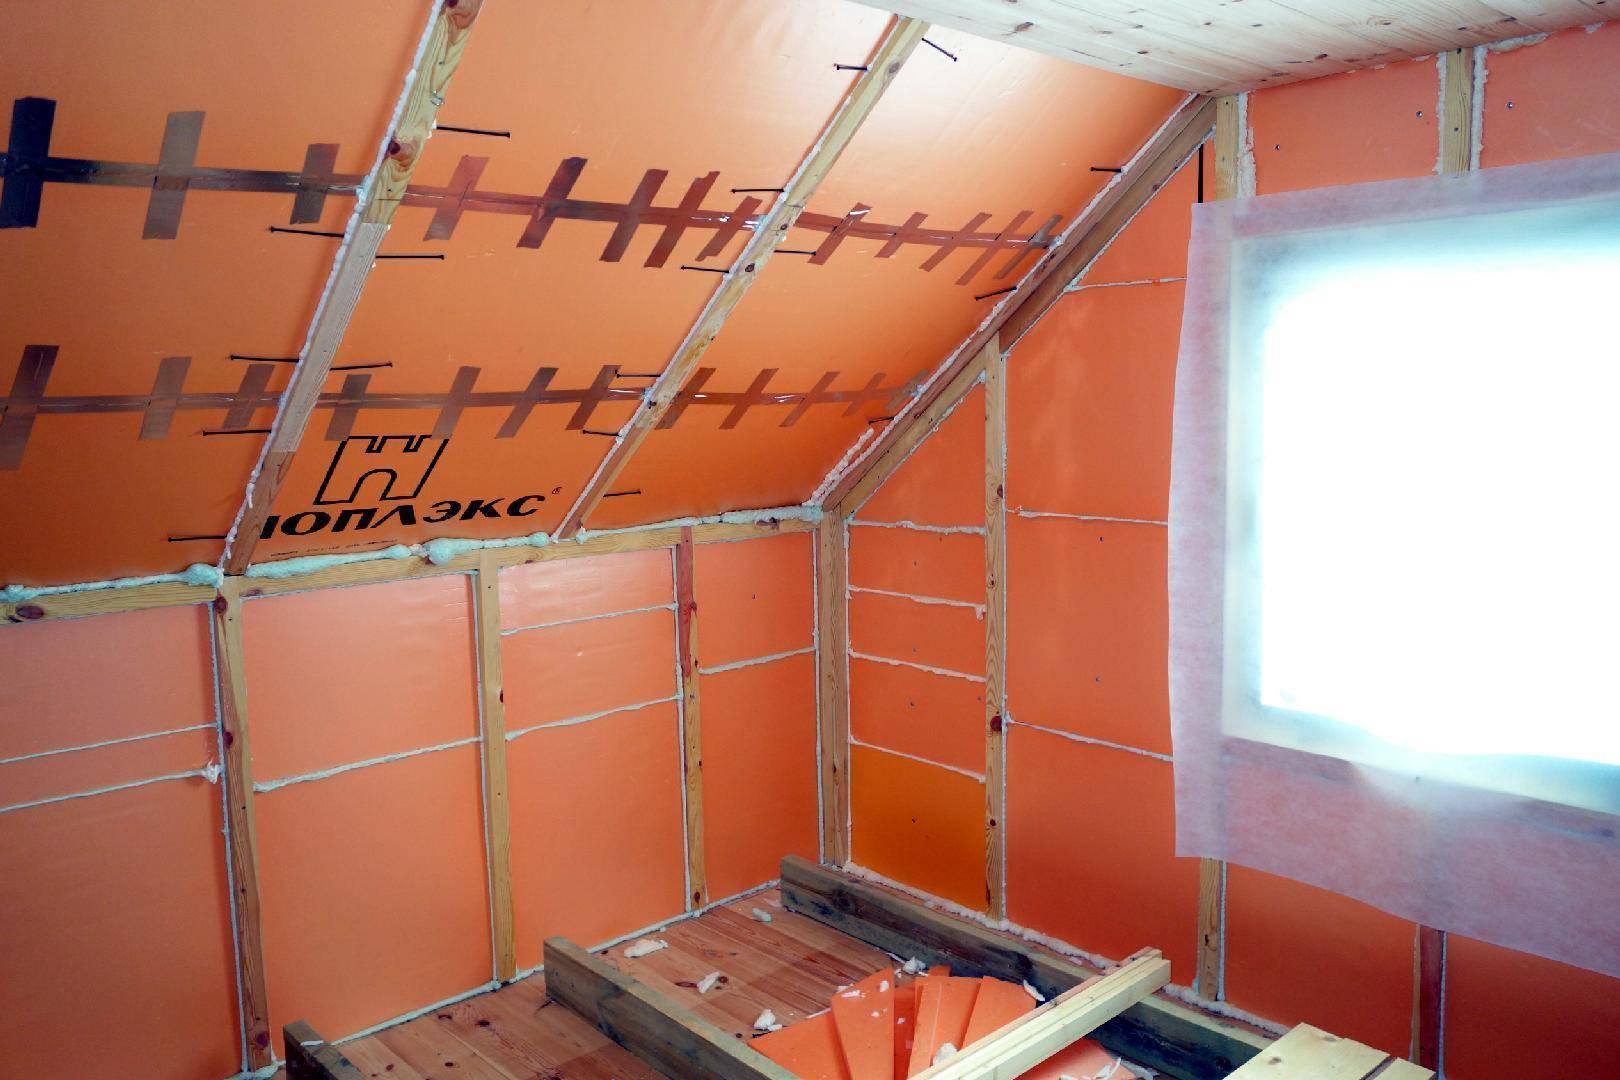 Утепление стен пеноплексом: как утеплить дом снаружи и изнутри своими руками, как крепить материал